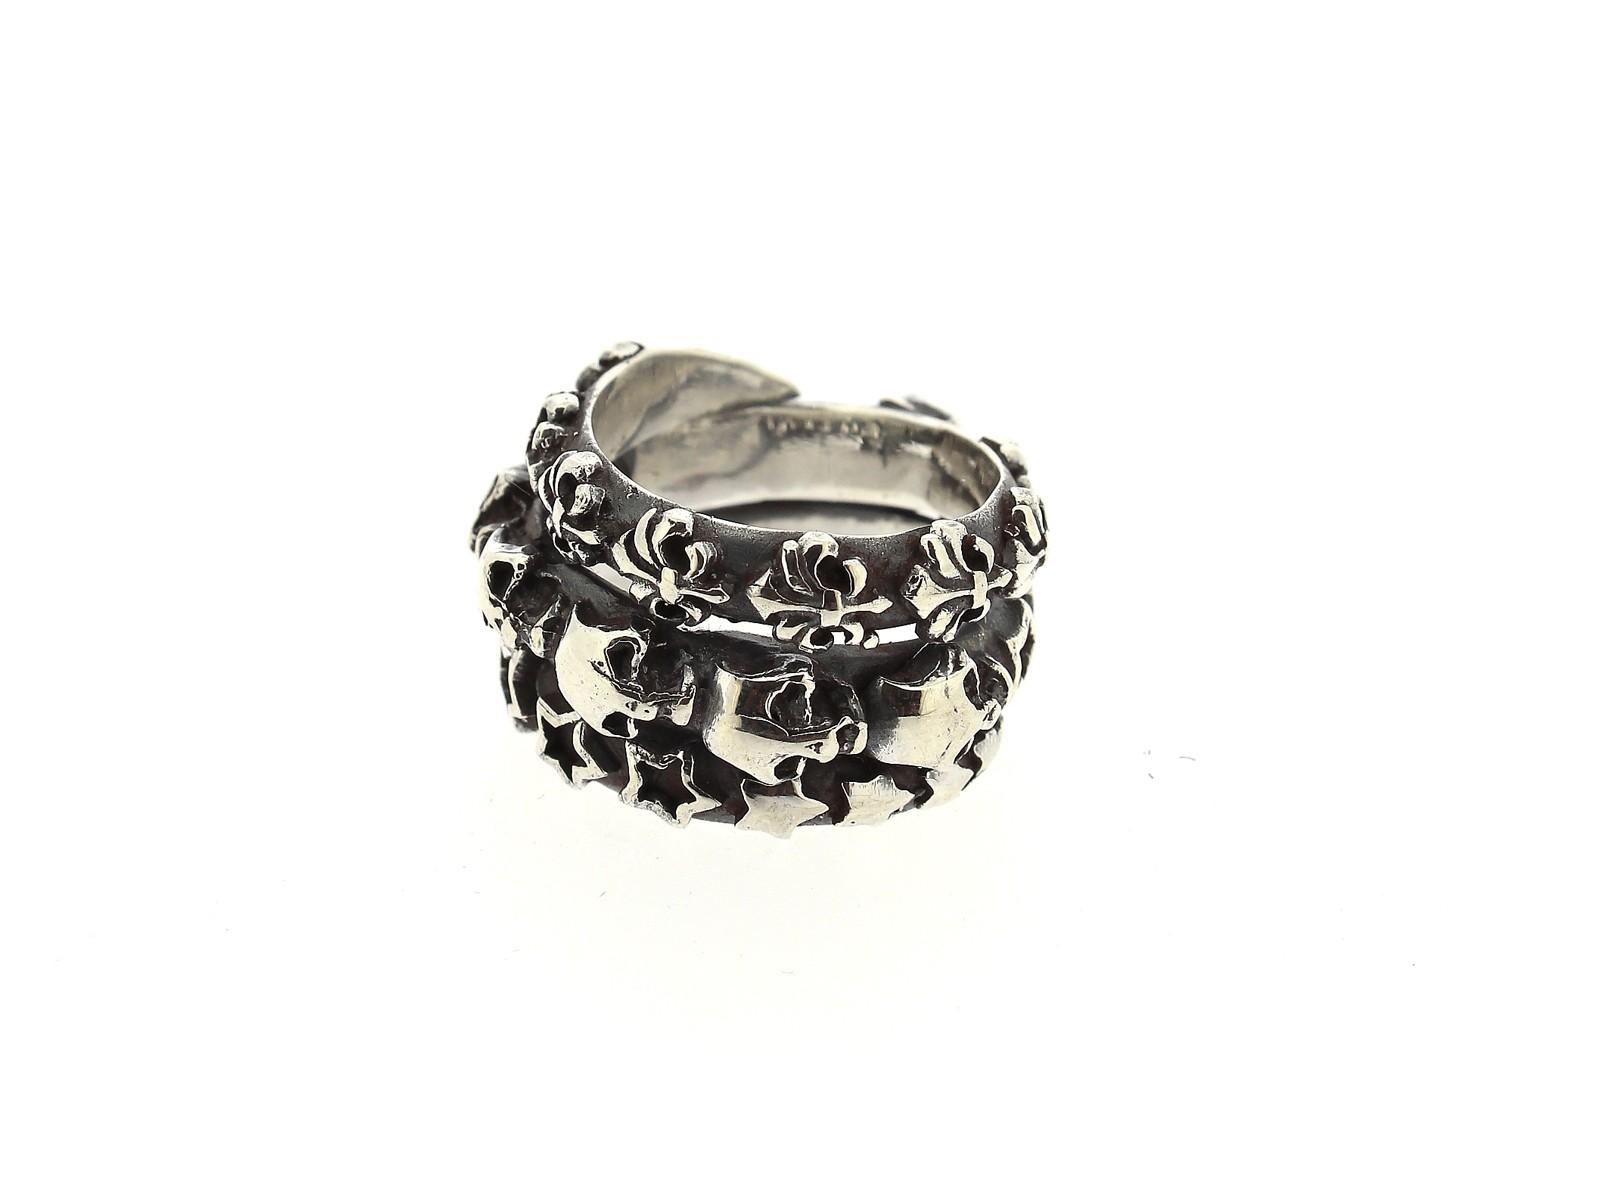 Ring Spiral Skulls 925 Silber - Elf Craft - 896.399.73